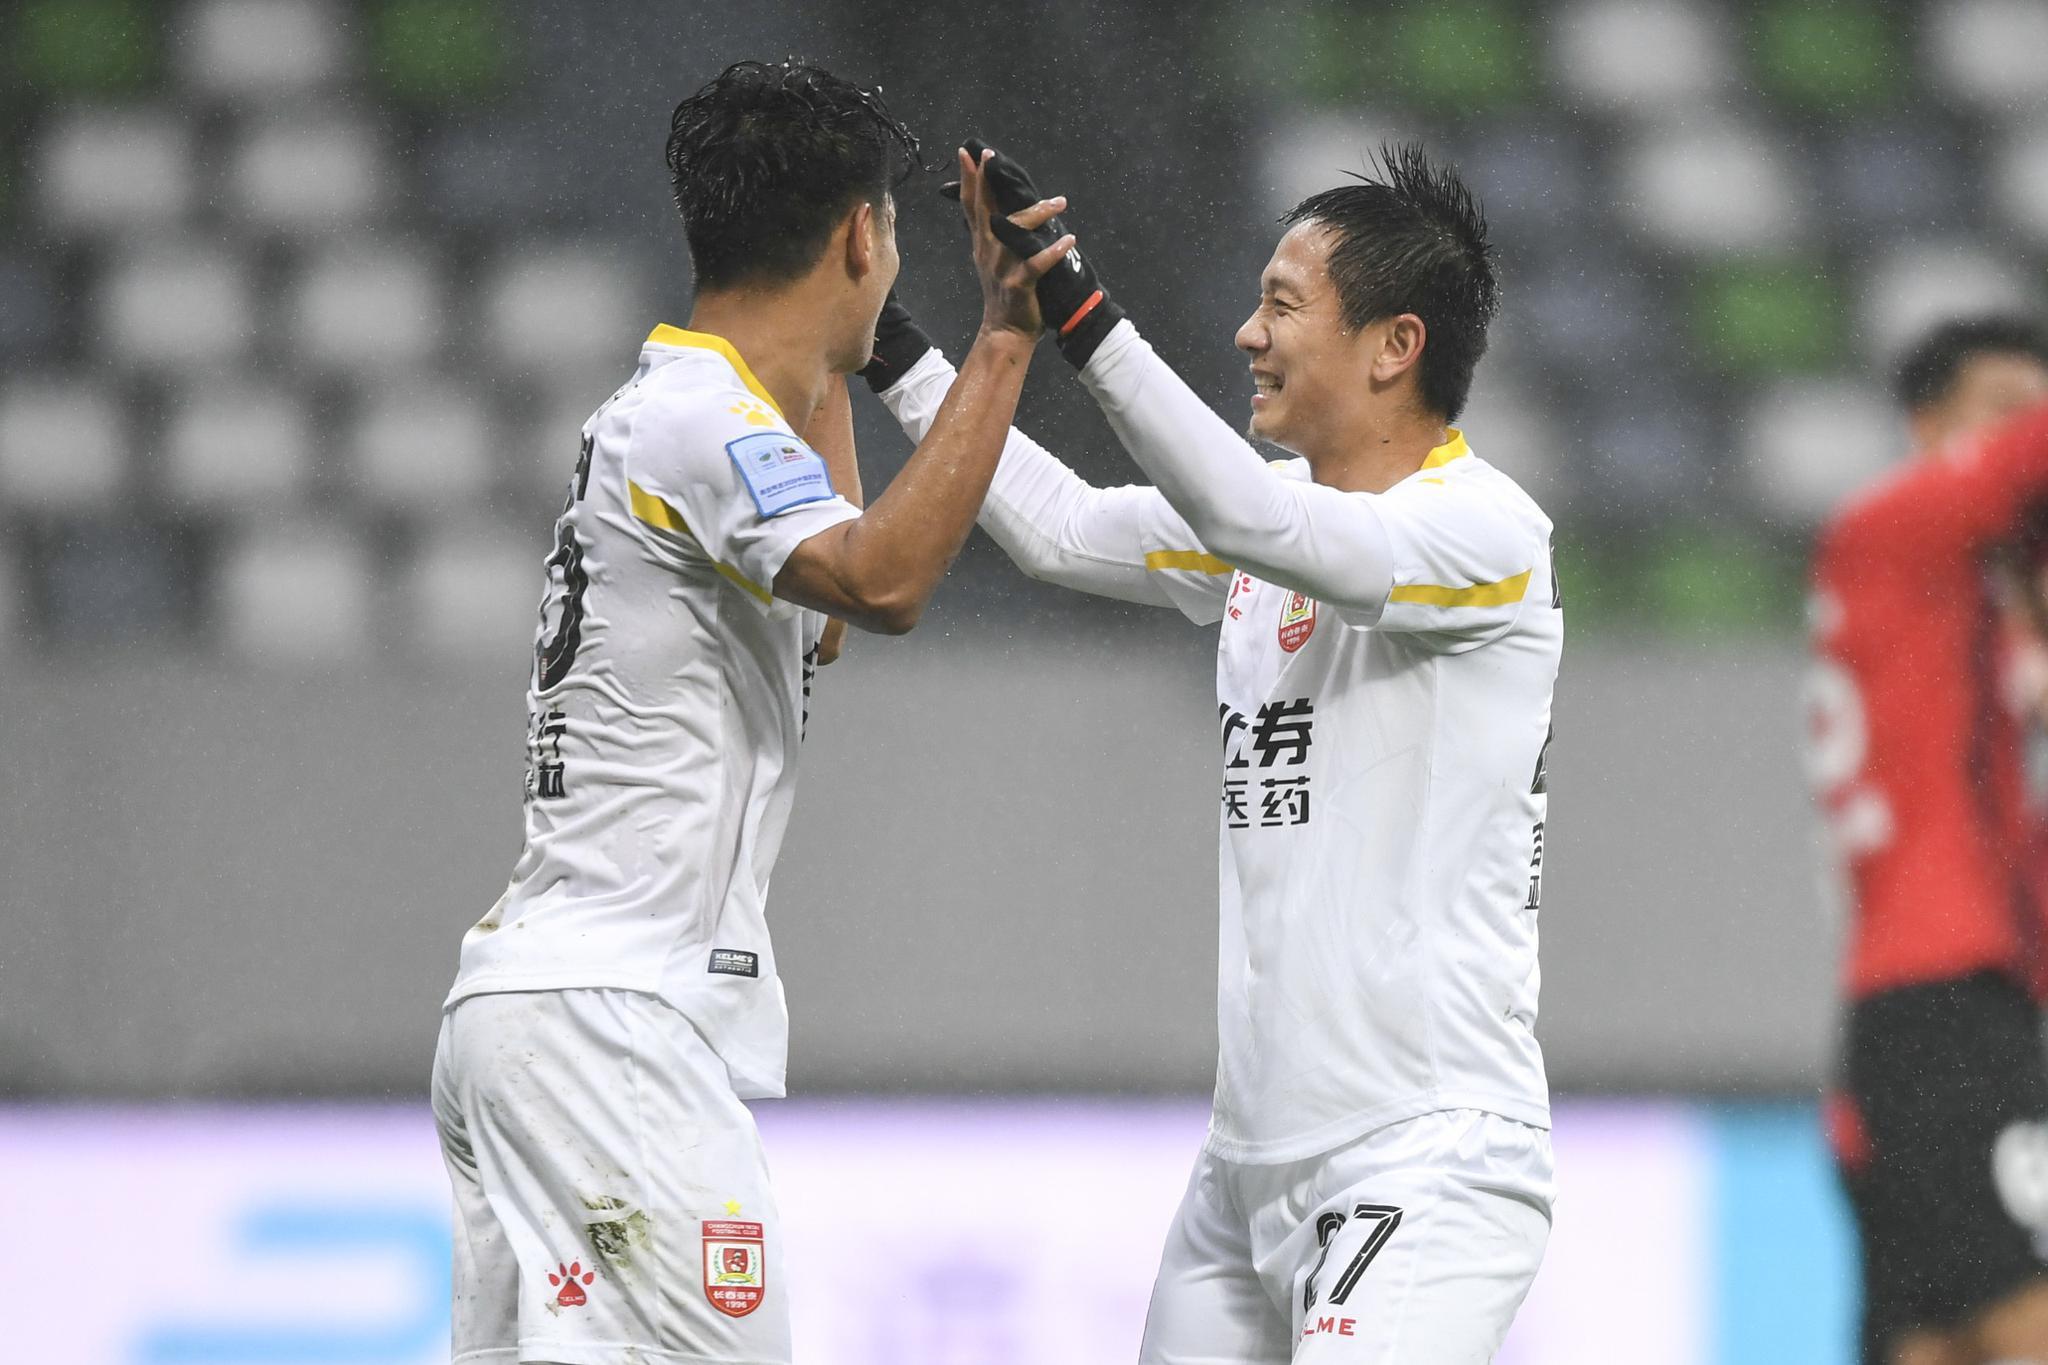 足协杯:杨超声谭龙塞尔吉尼奥破门,亚泰4-0上港进八强